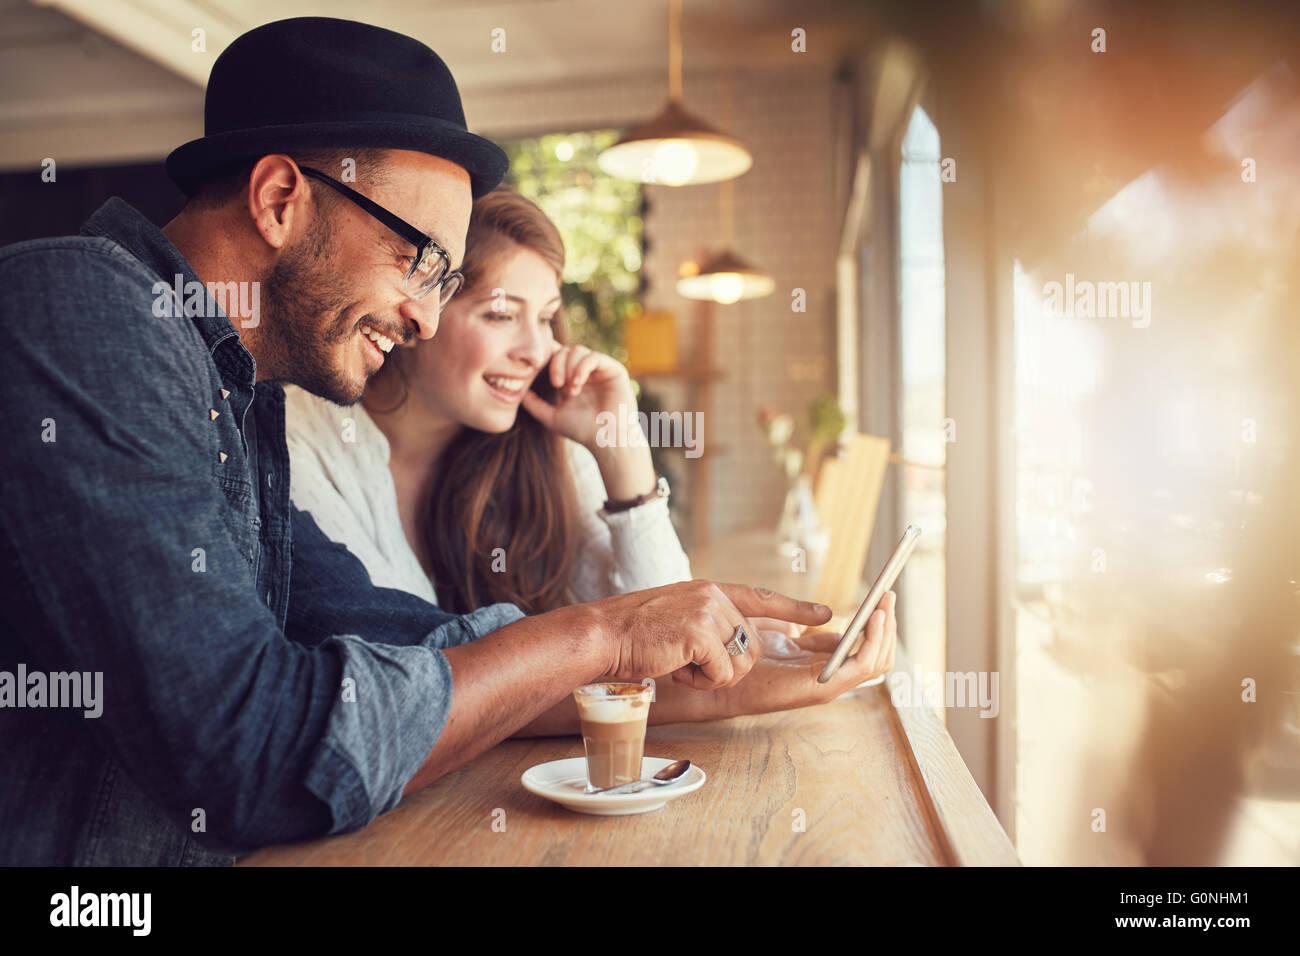 Sonriente joven pareja en una cafetería con equipo con pantalla táctil. El hombre y la mujer joven en Imagen De Stock